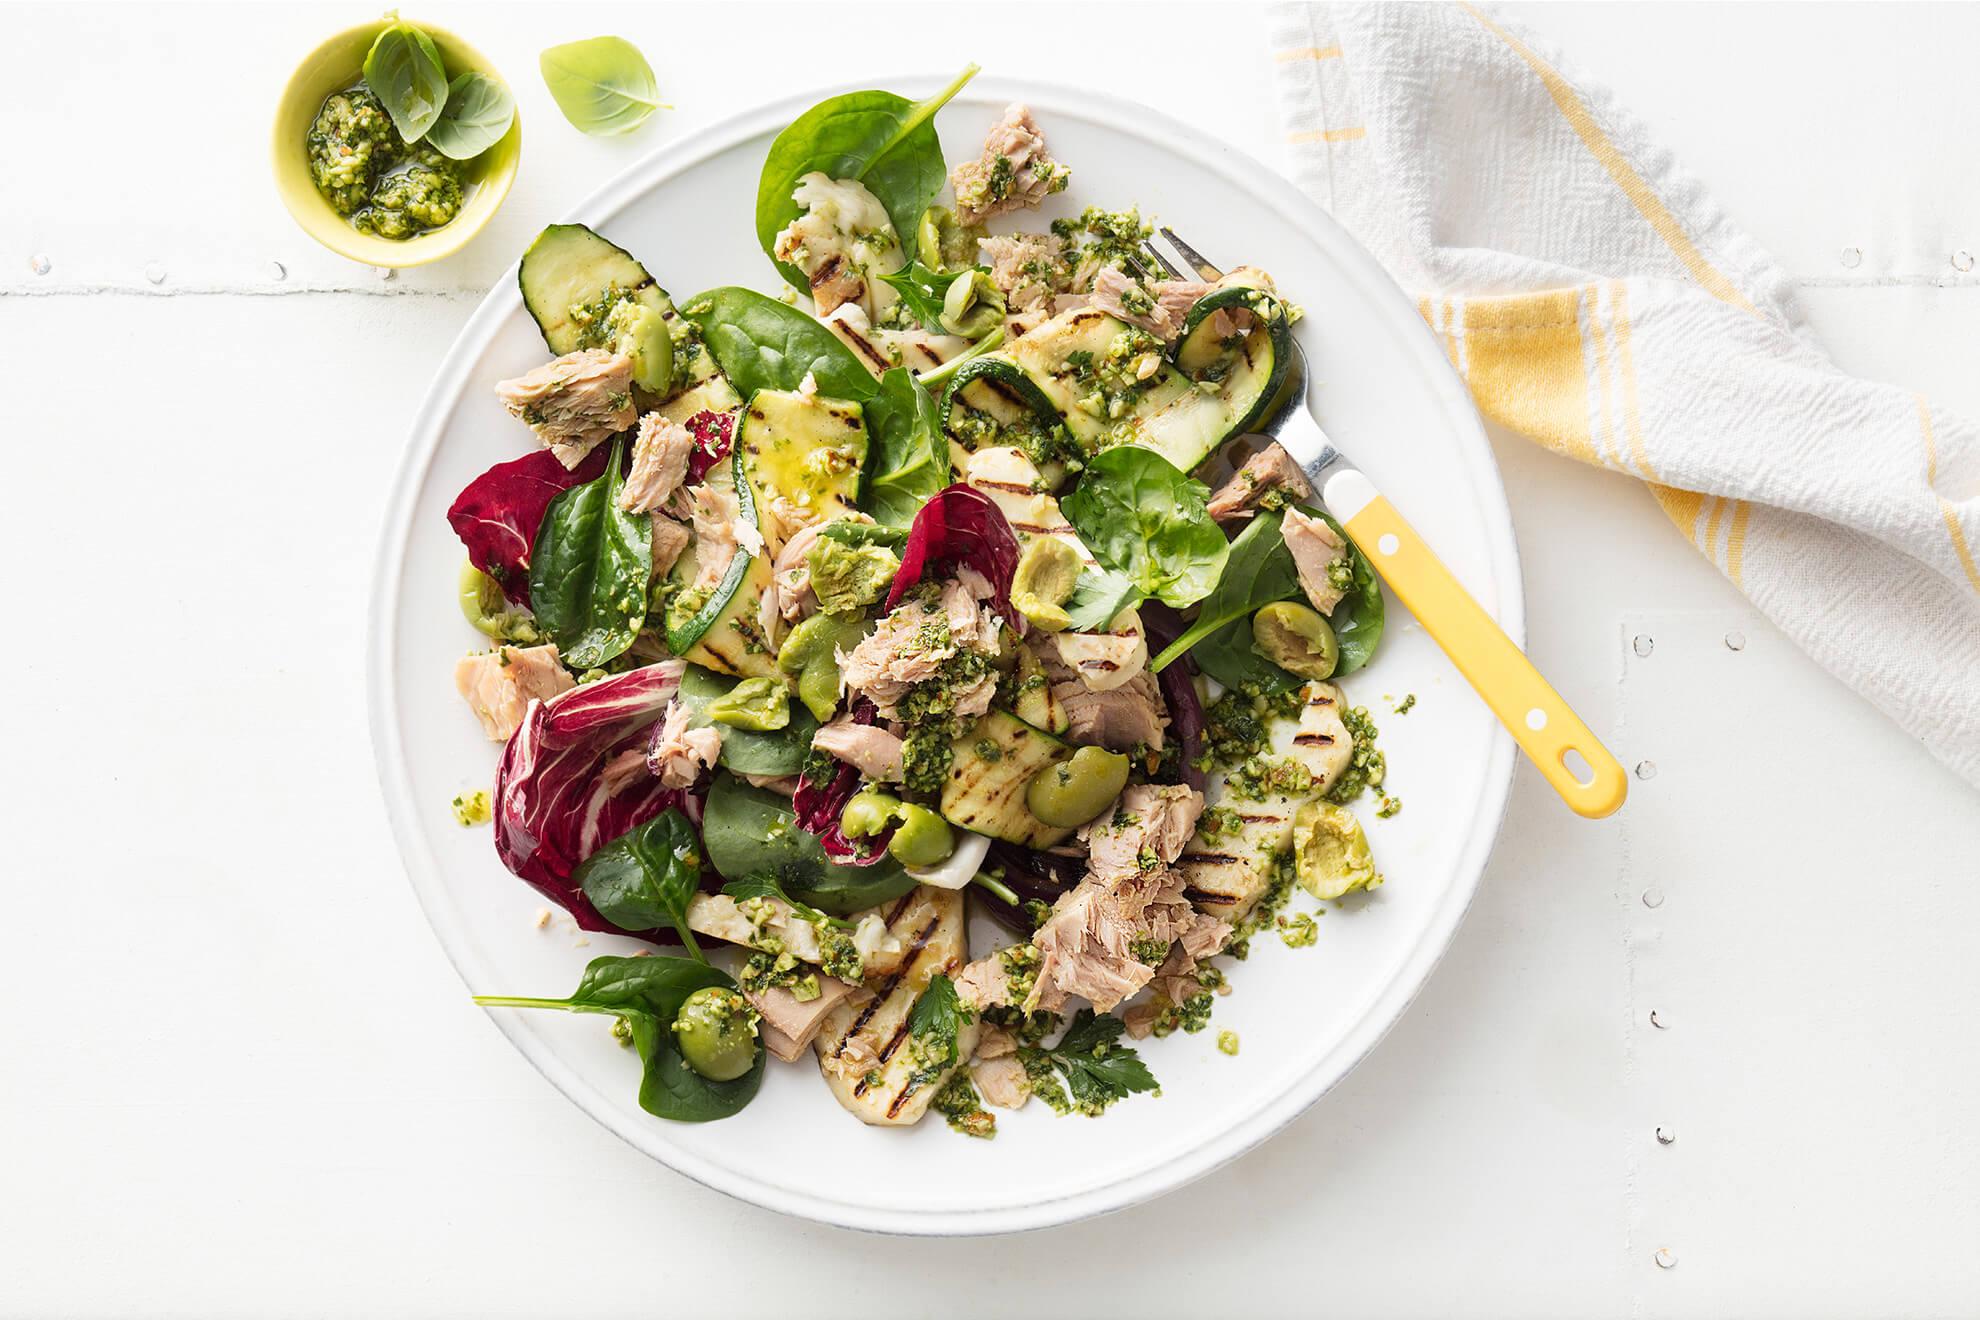 Sirena Tuna, Halloumi and Zucchini Salad with Chunky Pesto Dressing